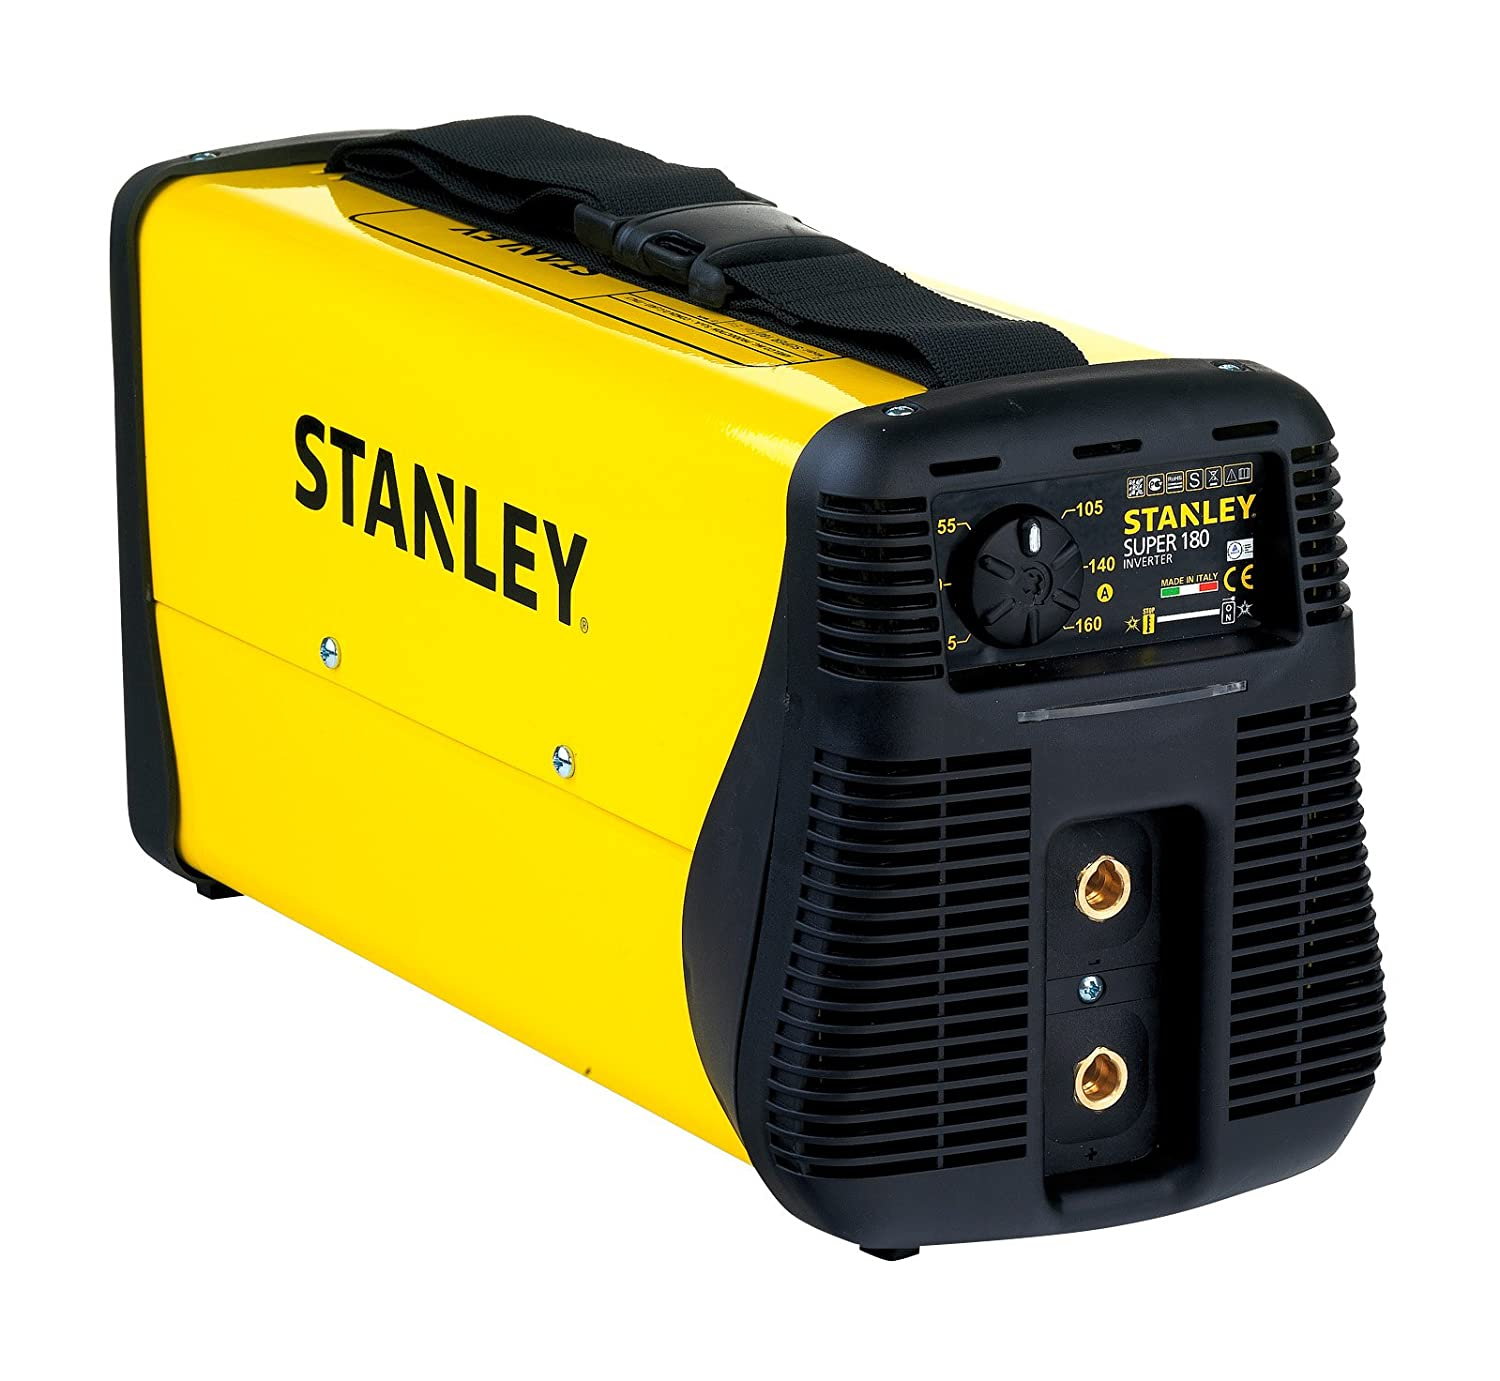 Stanley 460180 Inverter - Equipo de soldadura (160 A)